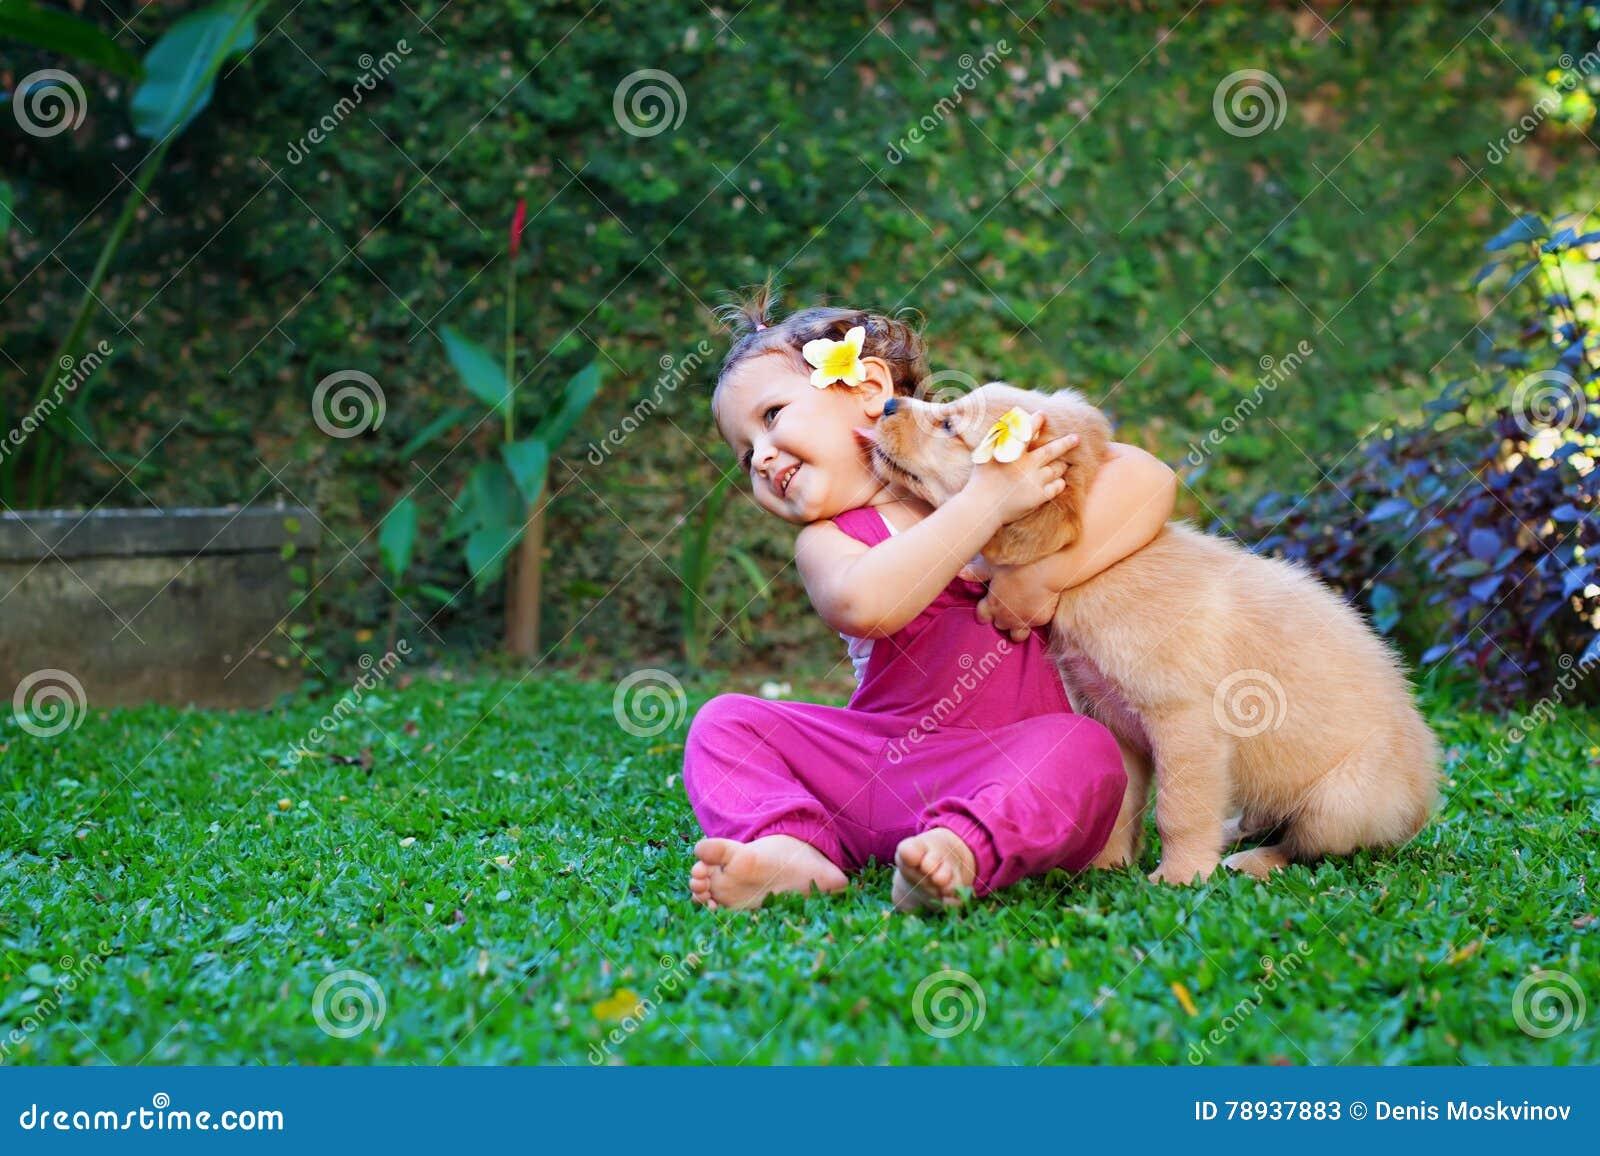 愉快的儿童游戏和拥抱家庭宠物-拉布拉多小狗